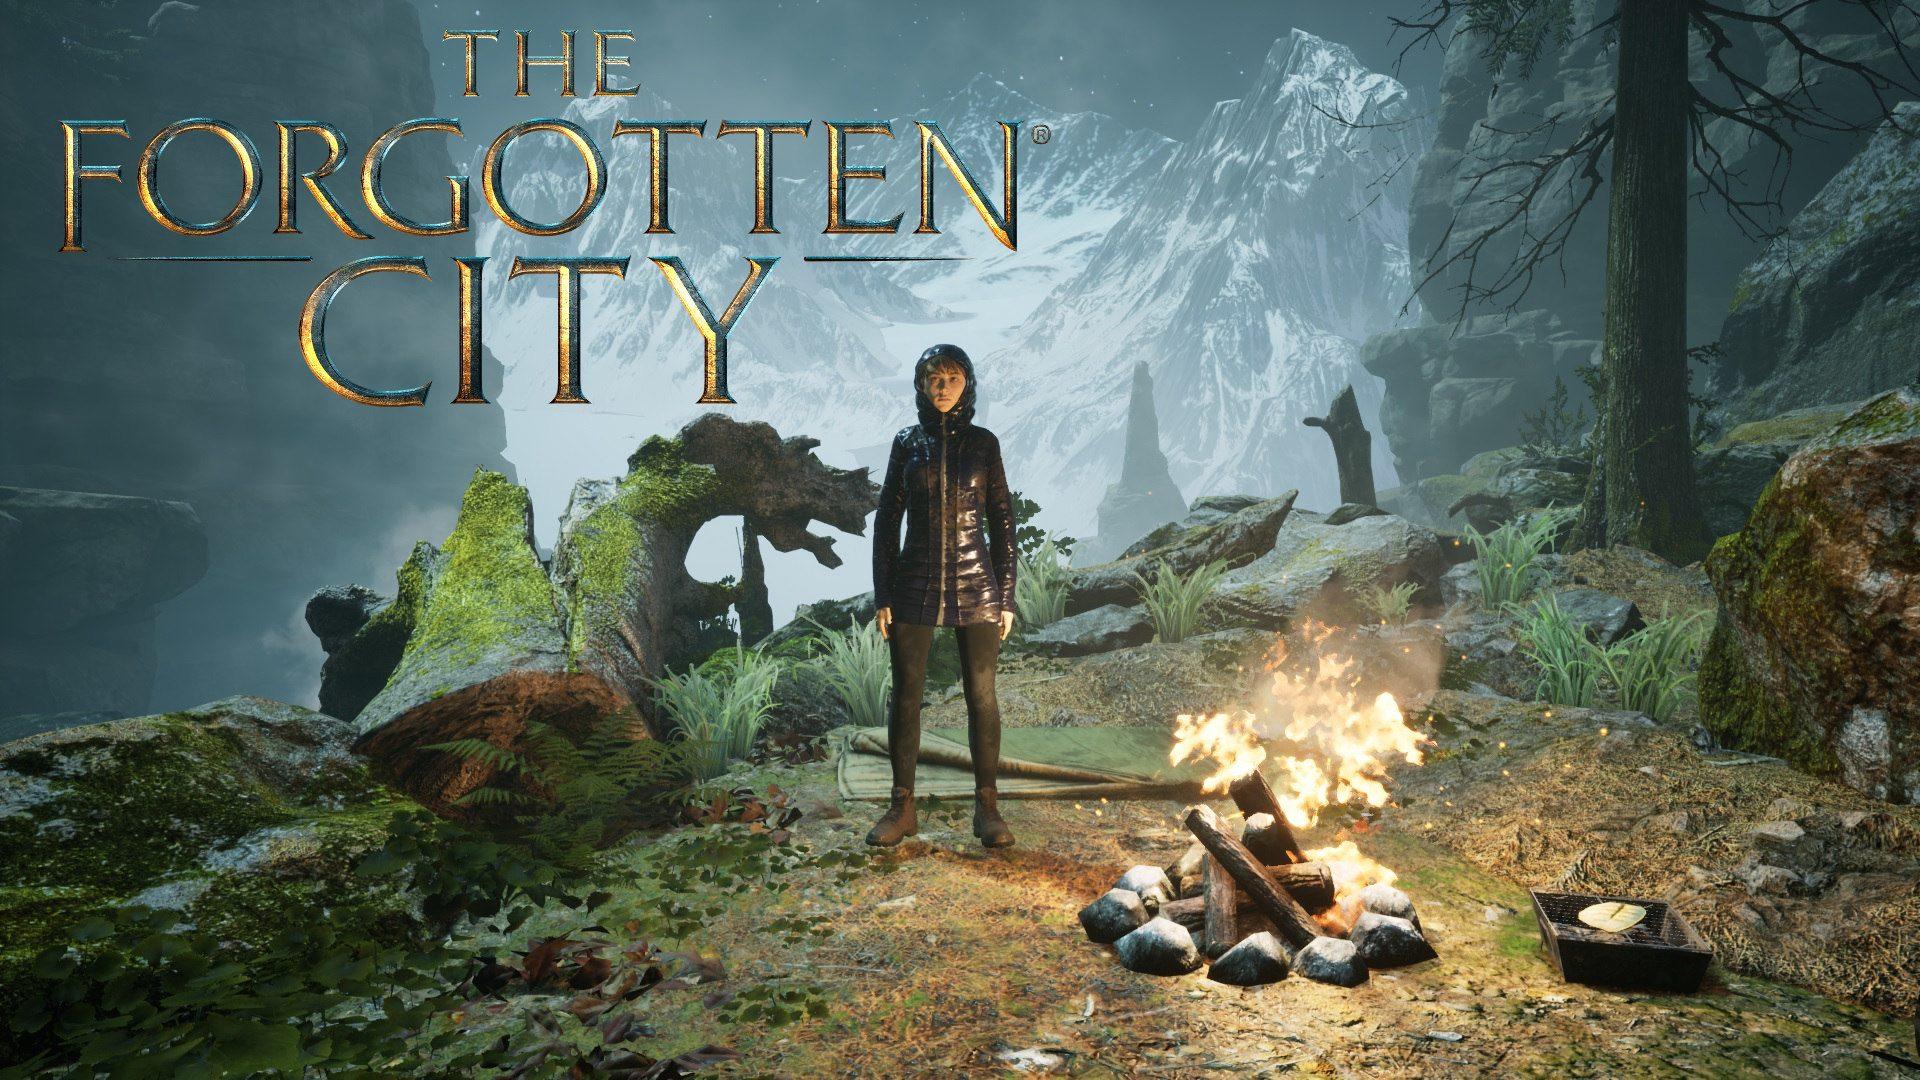 Se confirmó que The Forgotten City tendrá su lanzamiento a mitad del año que viene